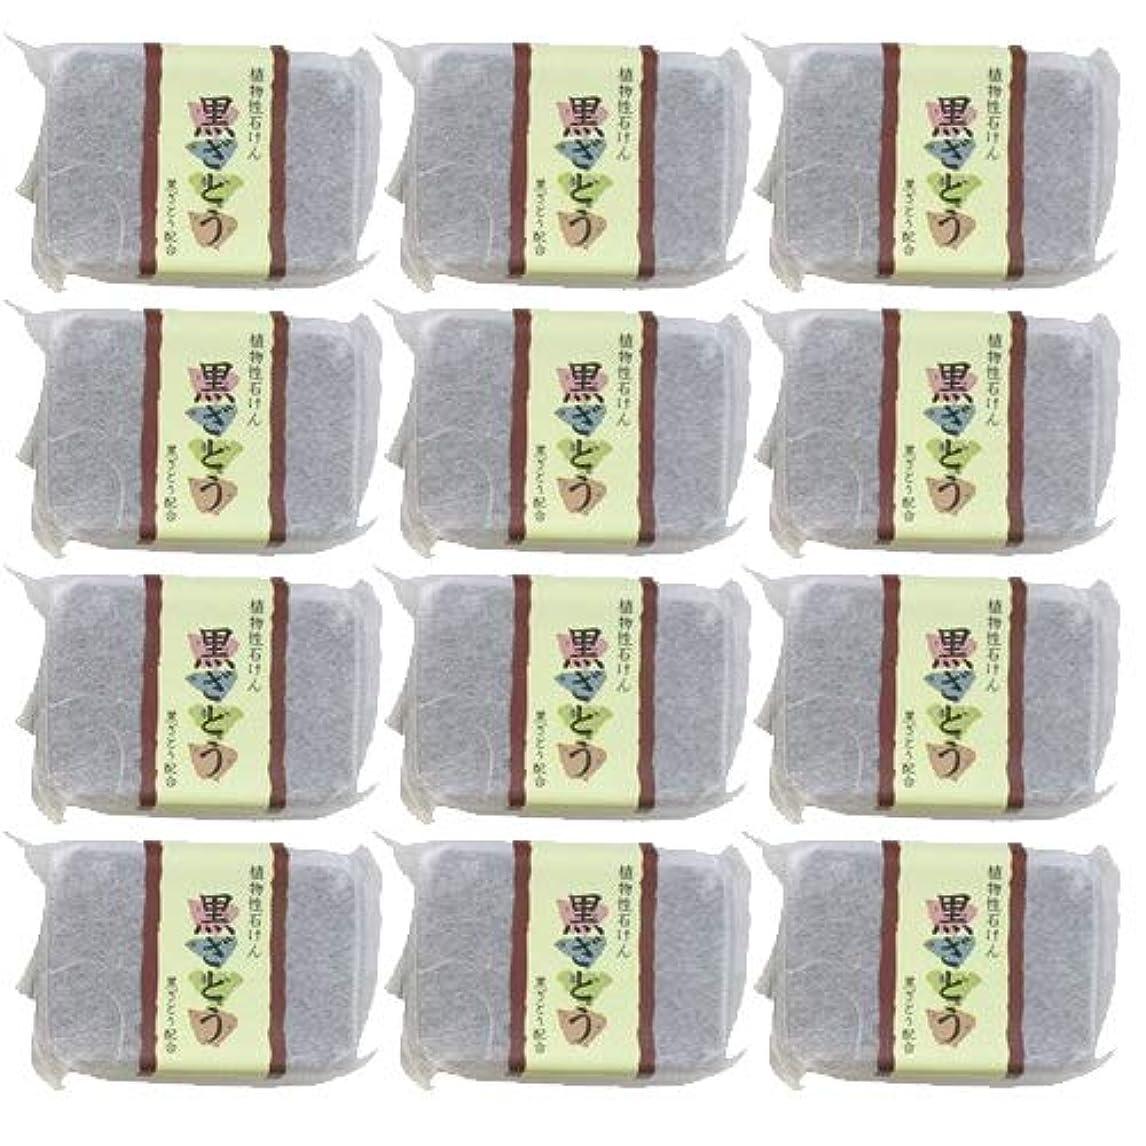 ワーディアンケース王朝望ましい植物性ソープ 自然石けん 黒ざとう 80g ×12個